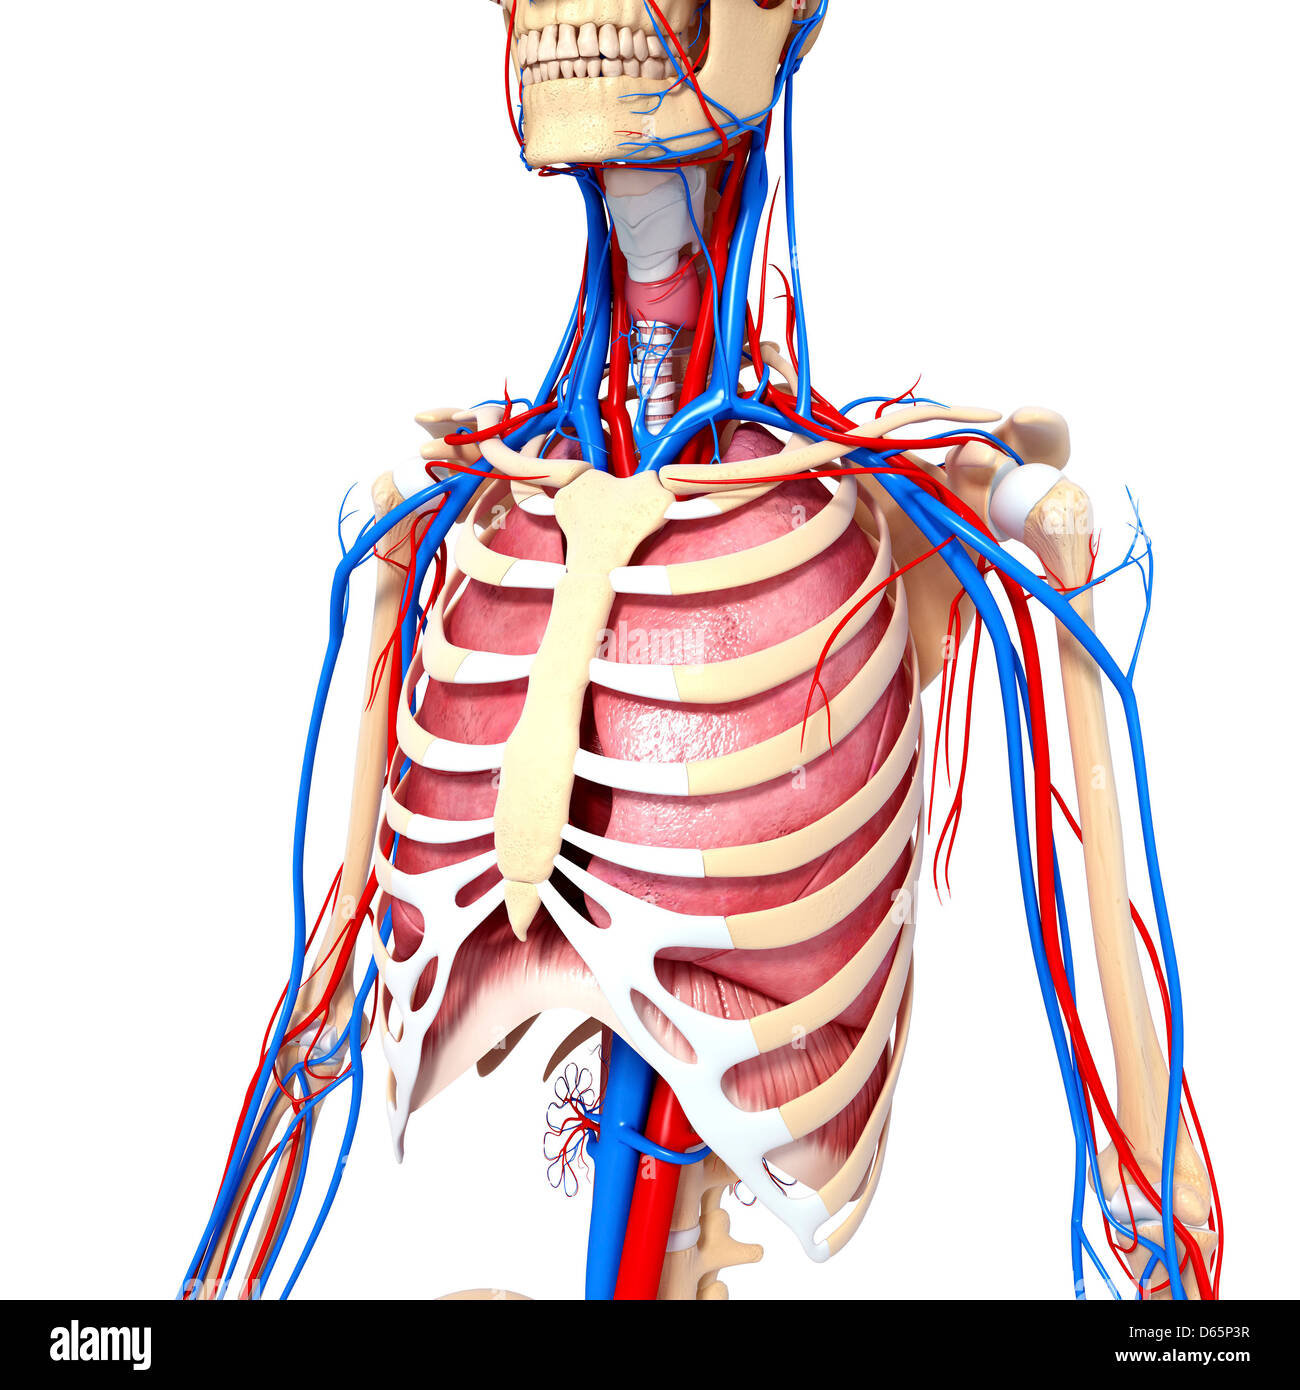 Großzügig Anatomie Der Brust Fotos - Menschliche Anatomie Bilder ...